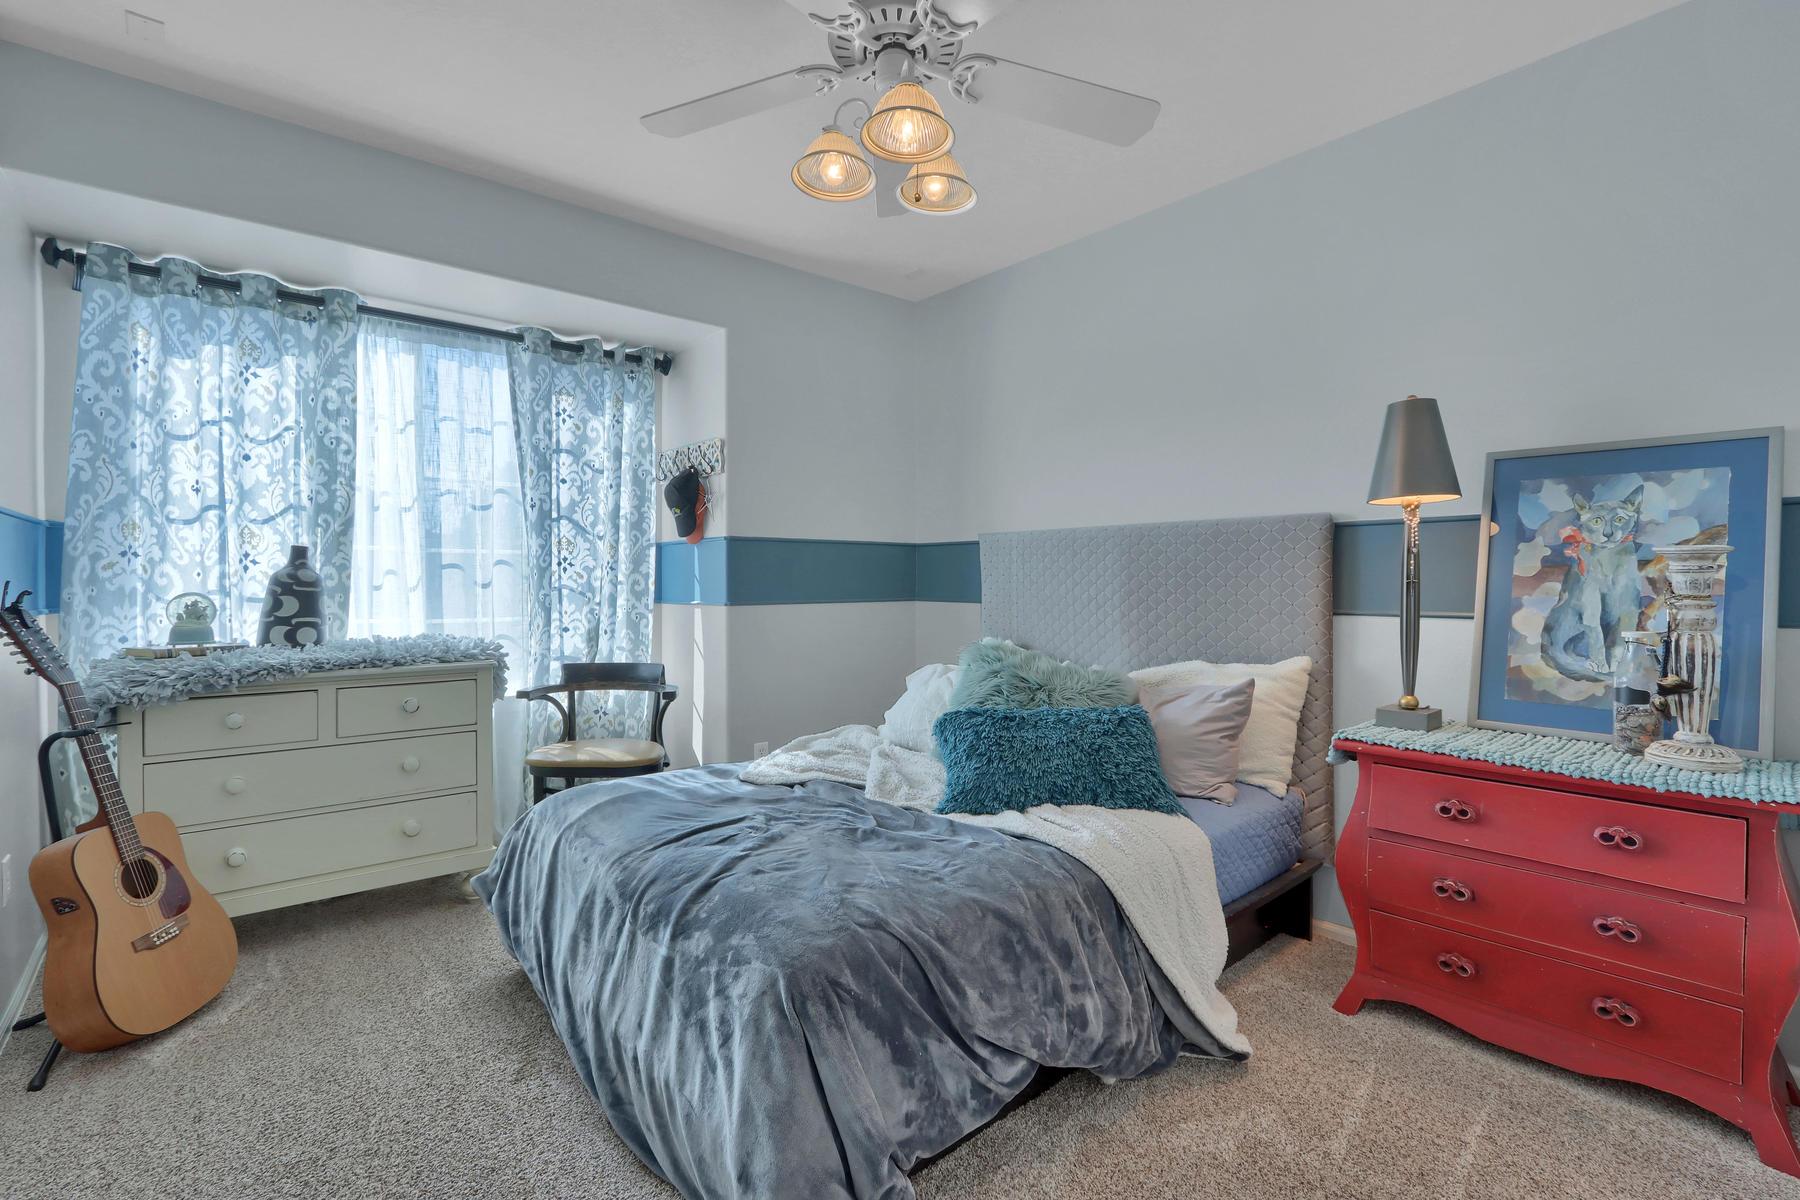 5370 S Genoa St Cenntenial CO-022-27-Bedroom-MLS_Size.jpg